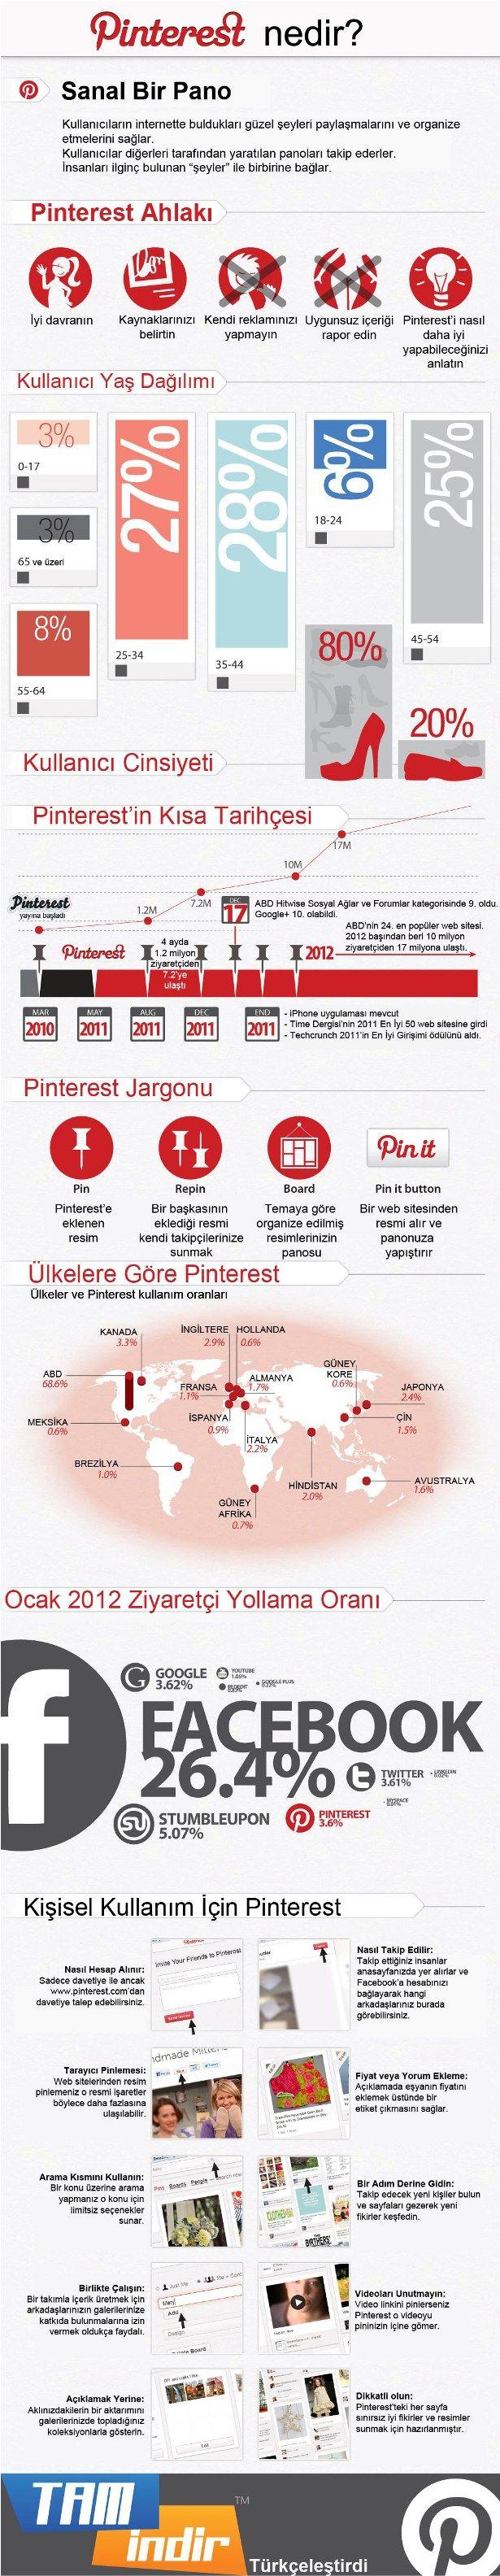 Pinterest nedir? (Türkçe)